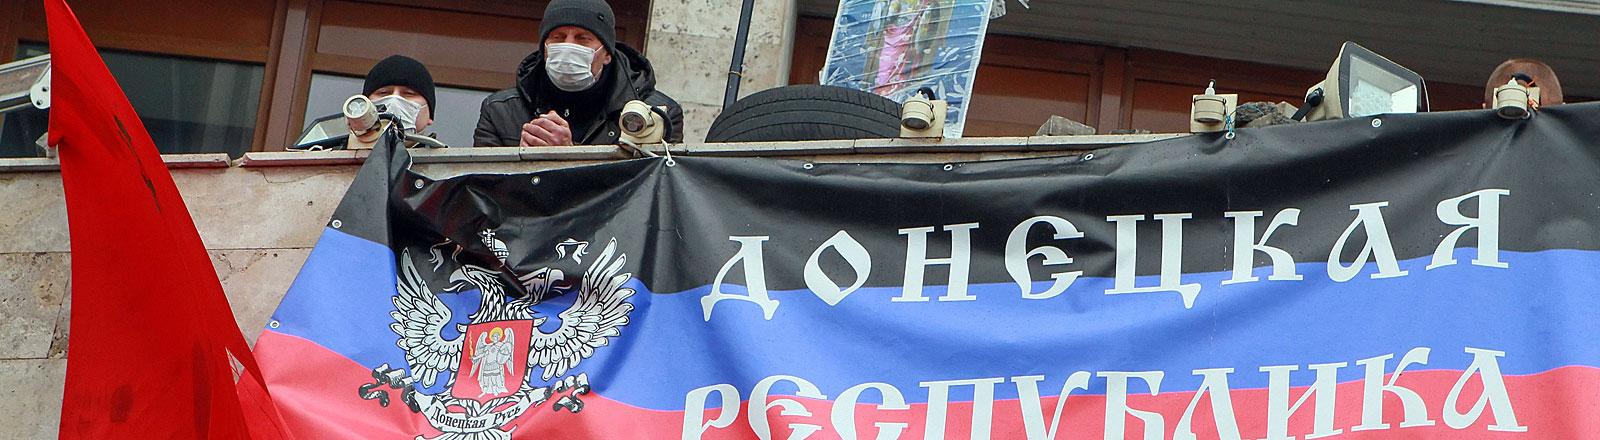 """14.April 2014: Pro-Russische Demonstranten haben am Balkon der Regionaladministration in Donezk ein Banner mit der Aufschrift """"Republik Donezk"""" gehisst."""